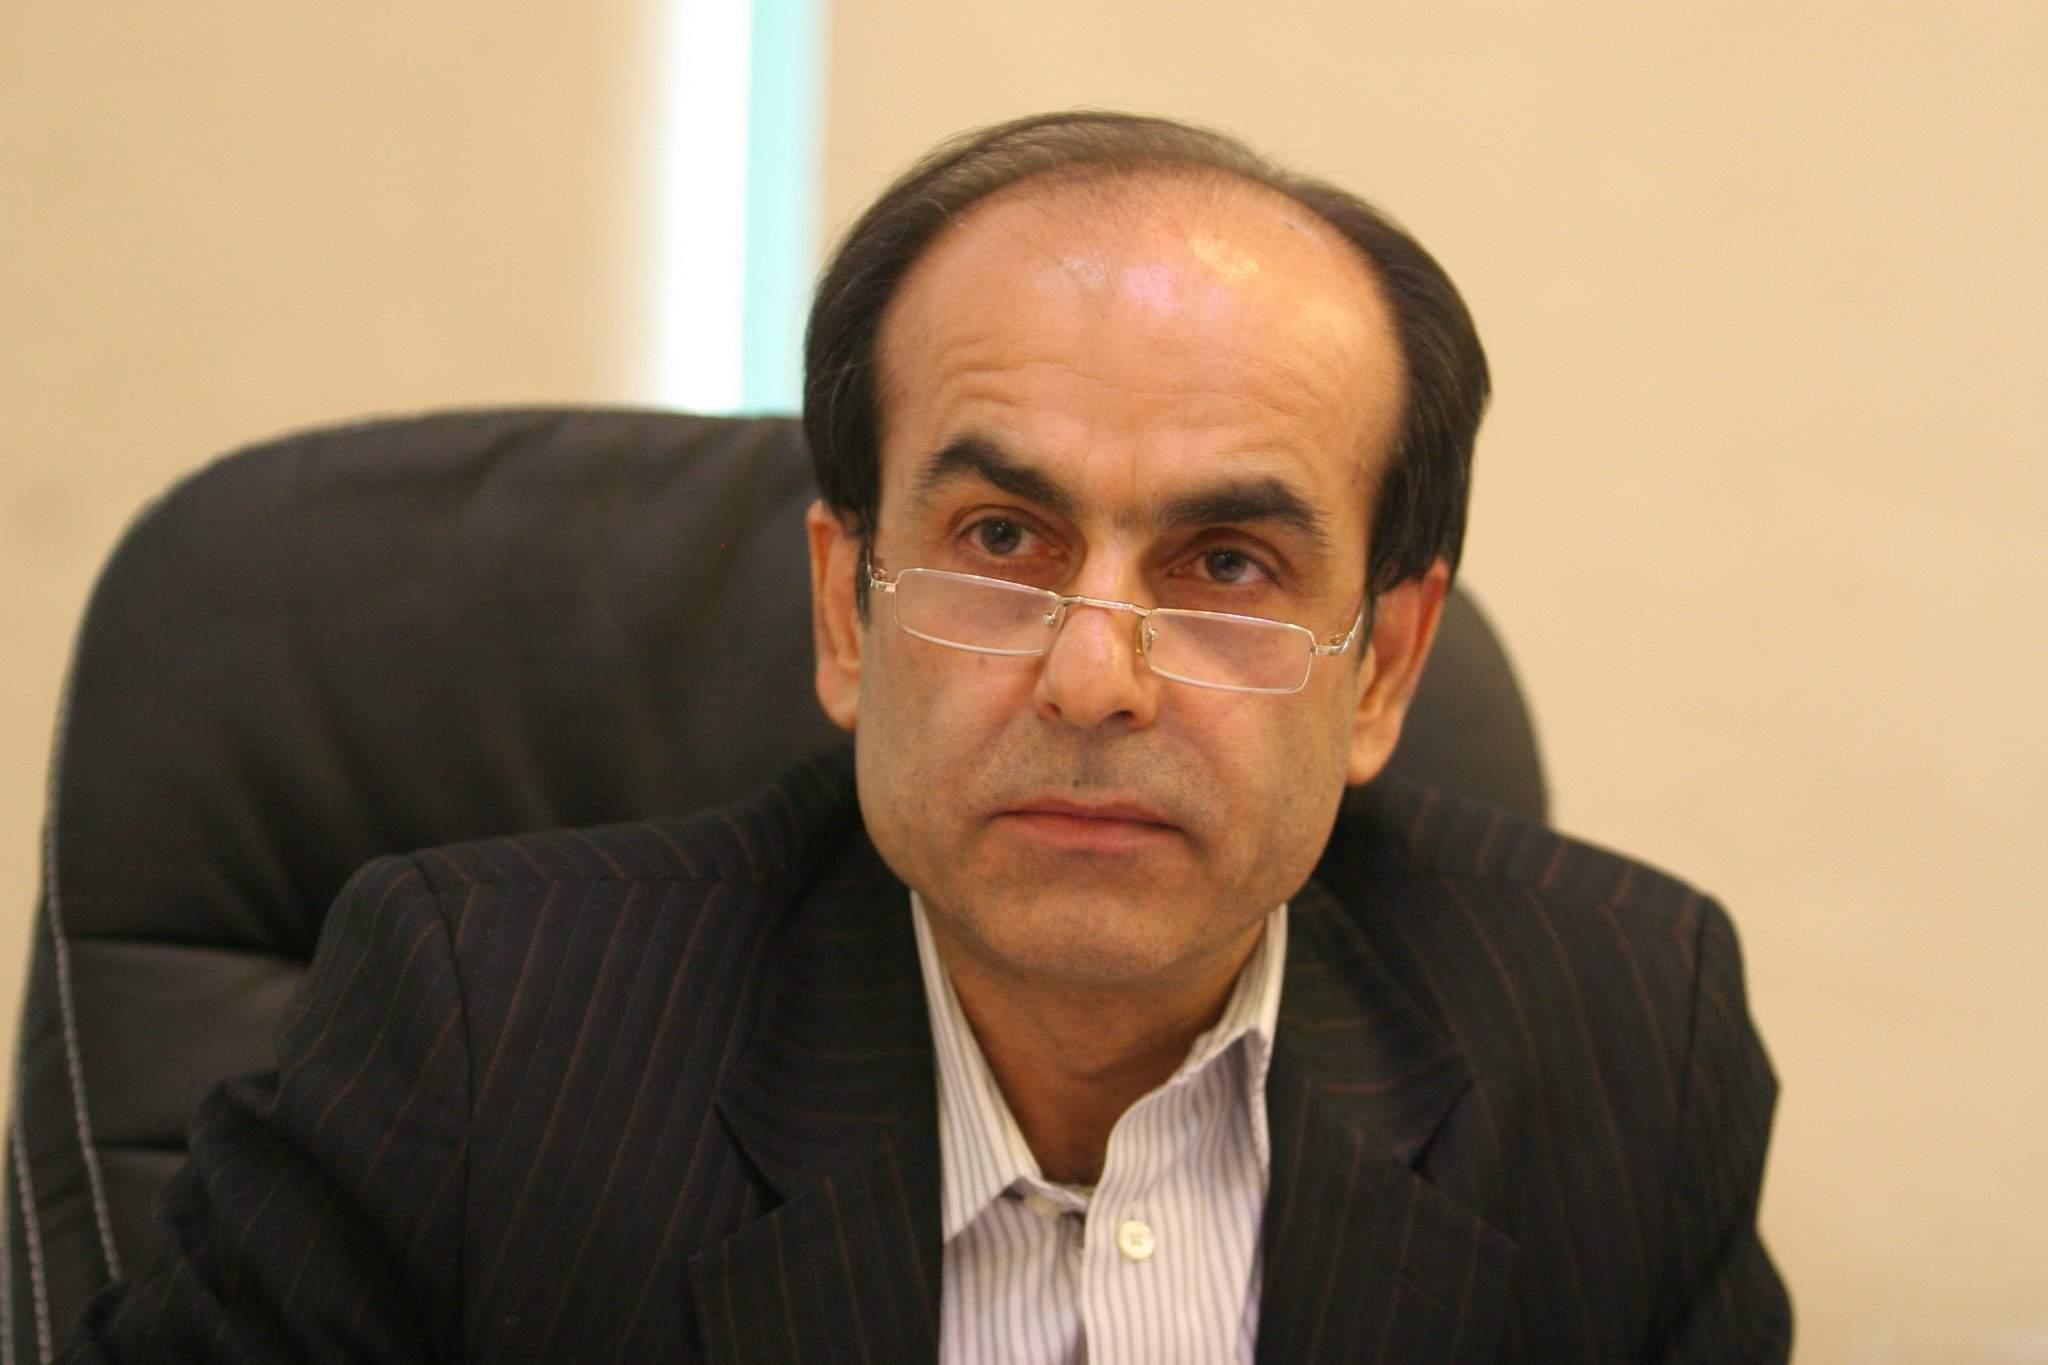 خادمی: به تازگی تبليغات برای پيوستن به گروه وهابيت درمنطقه زياد شده است